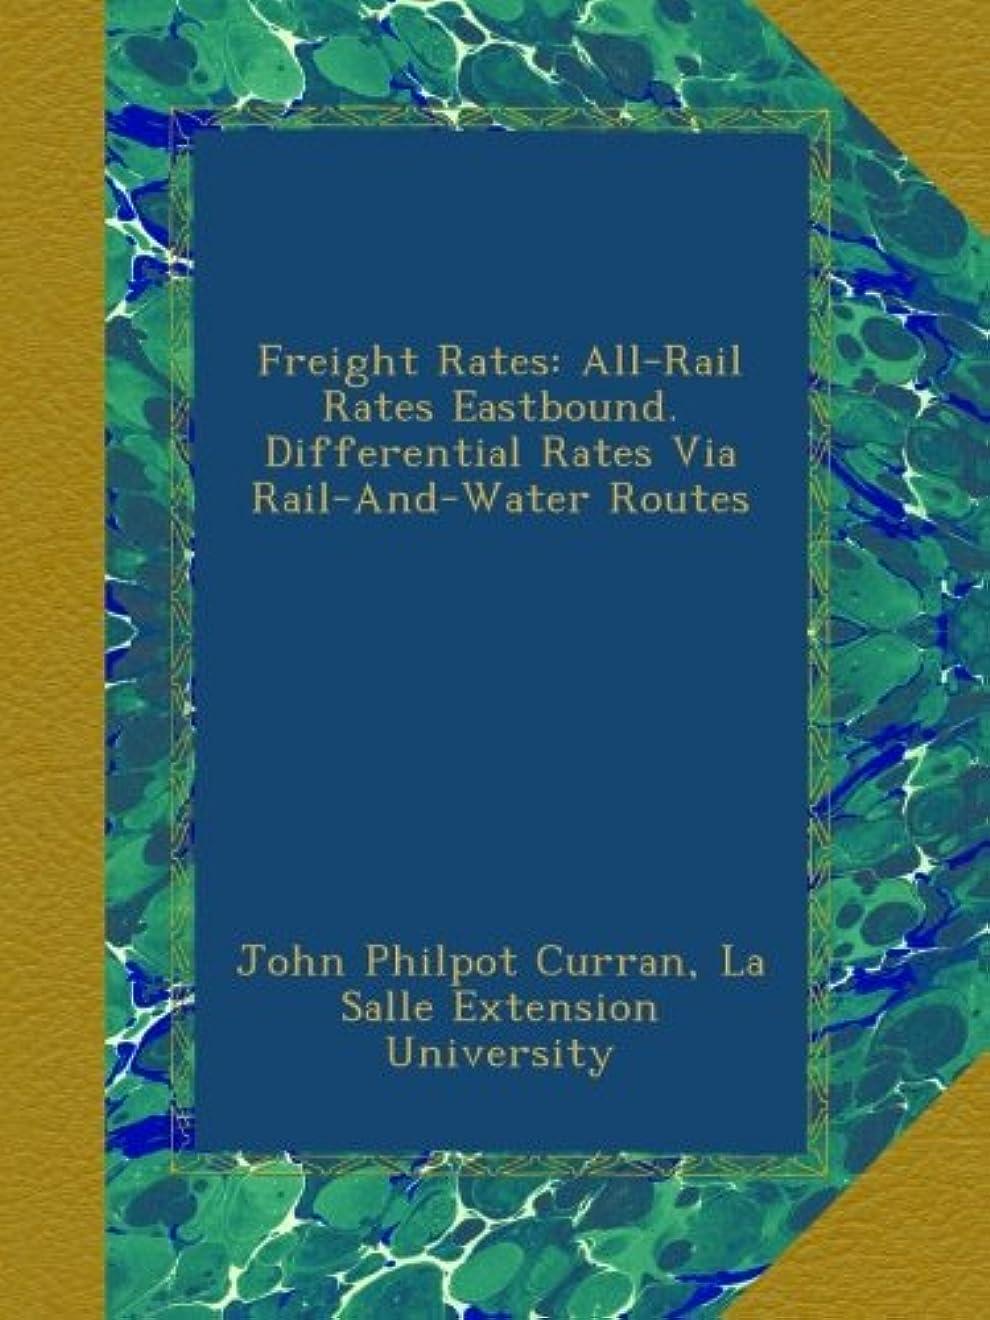 思春期モロニック複数Freight Rates: All-Rail Rates Eastbound. Differential Rates Via Rail-And-Water Routes